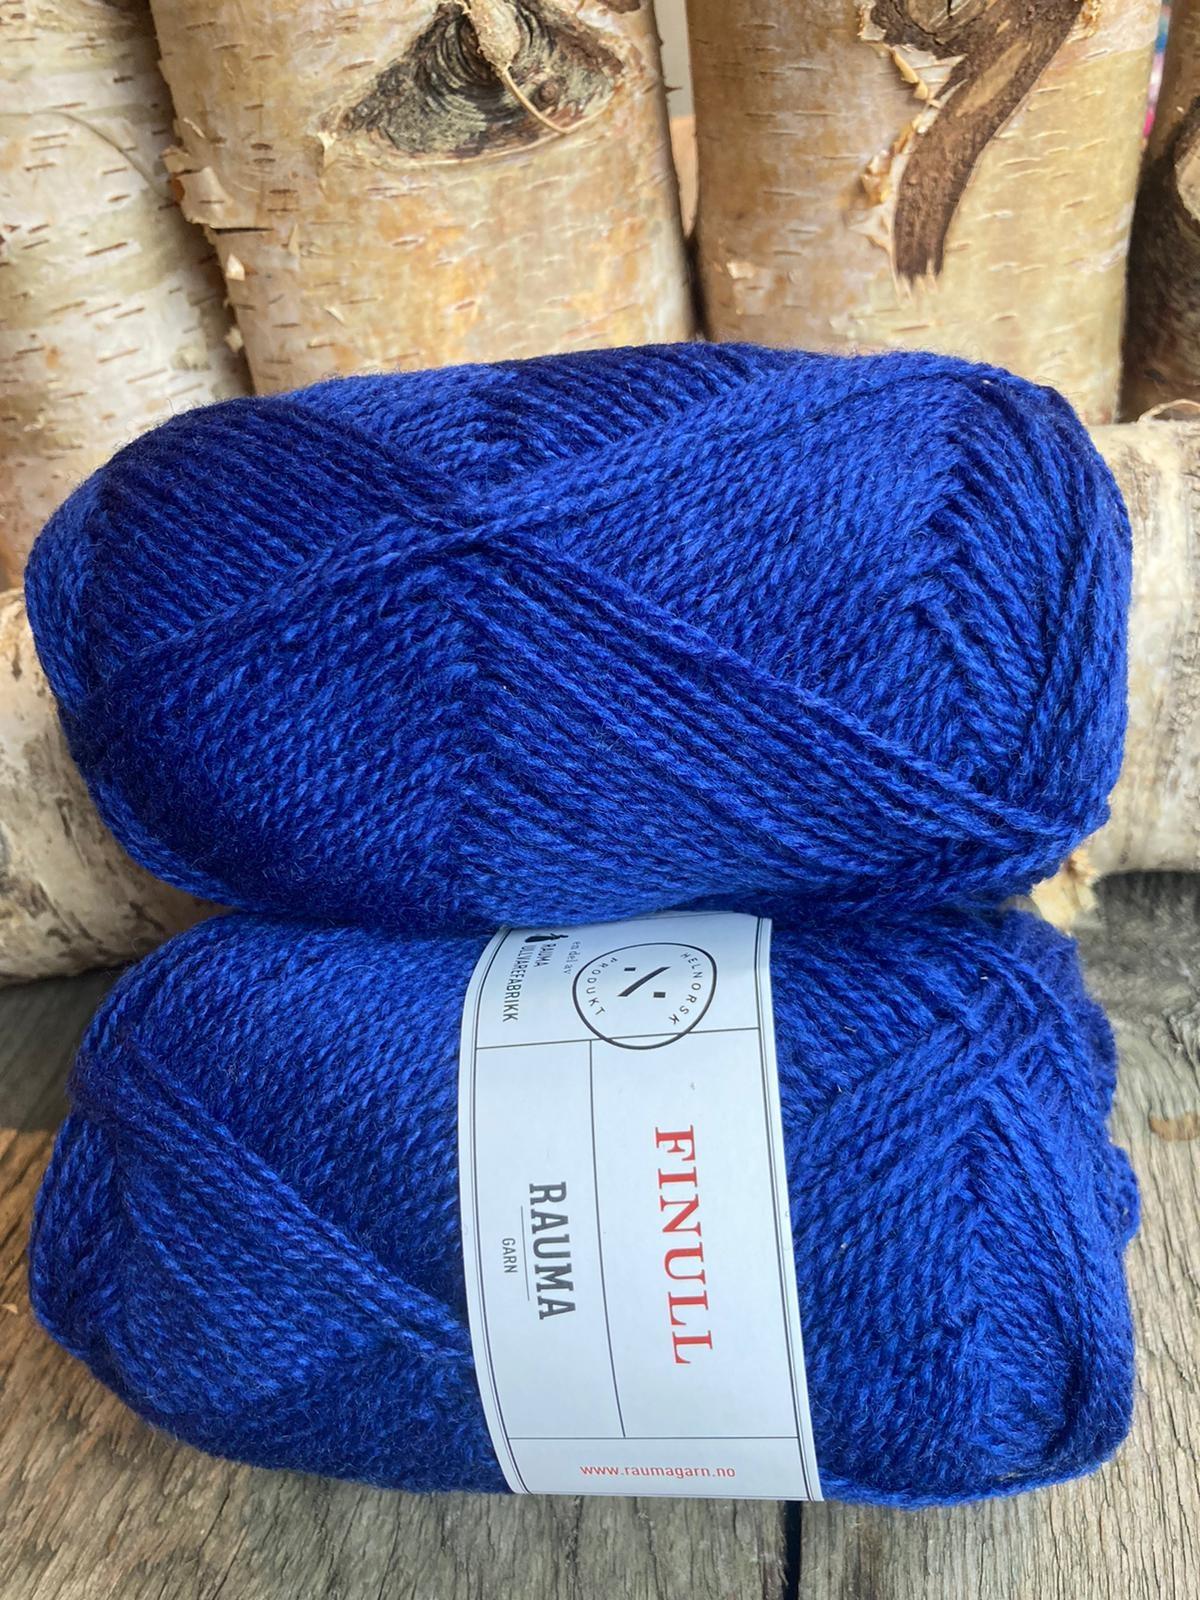 Rauma Finull melert - 443 - Mørk jeansblå